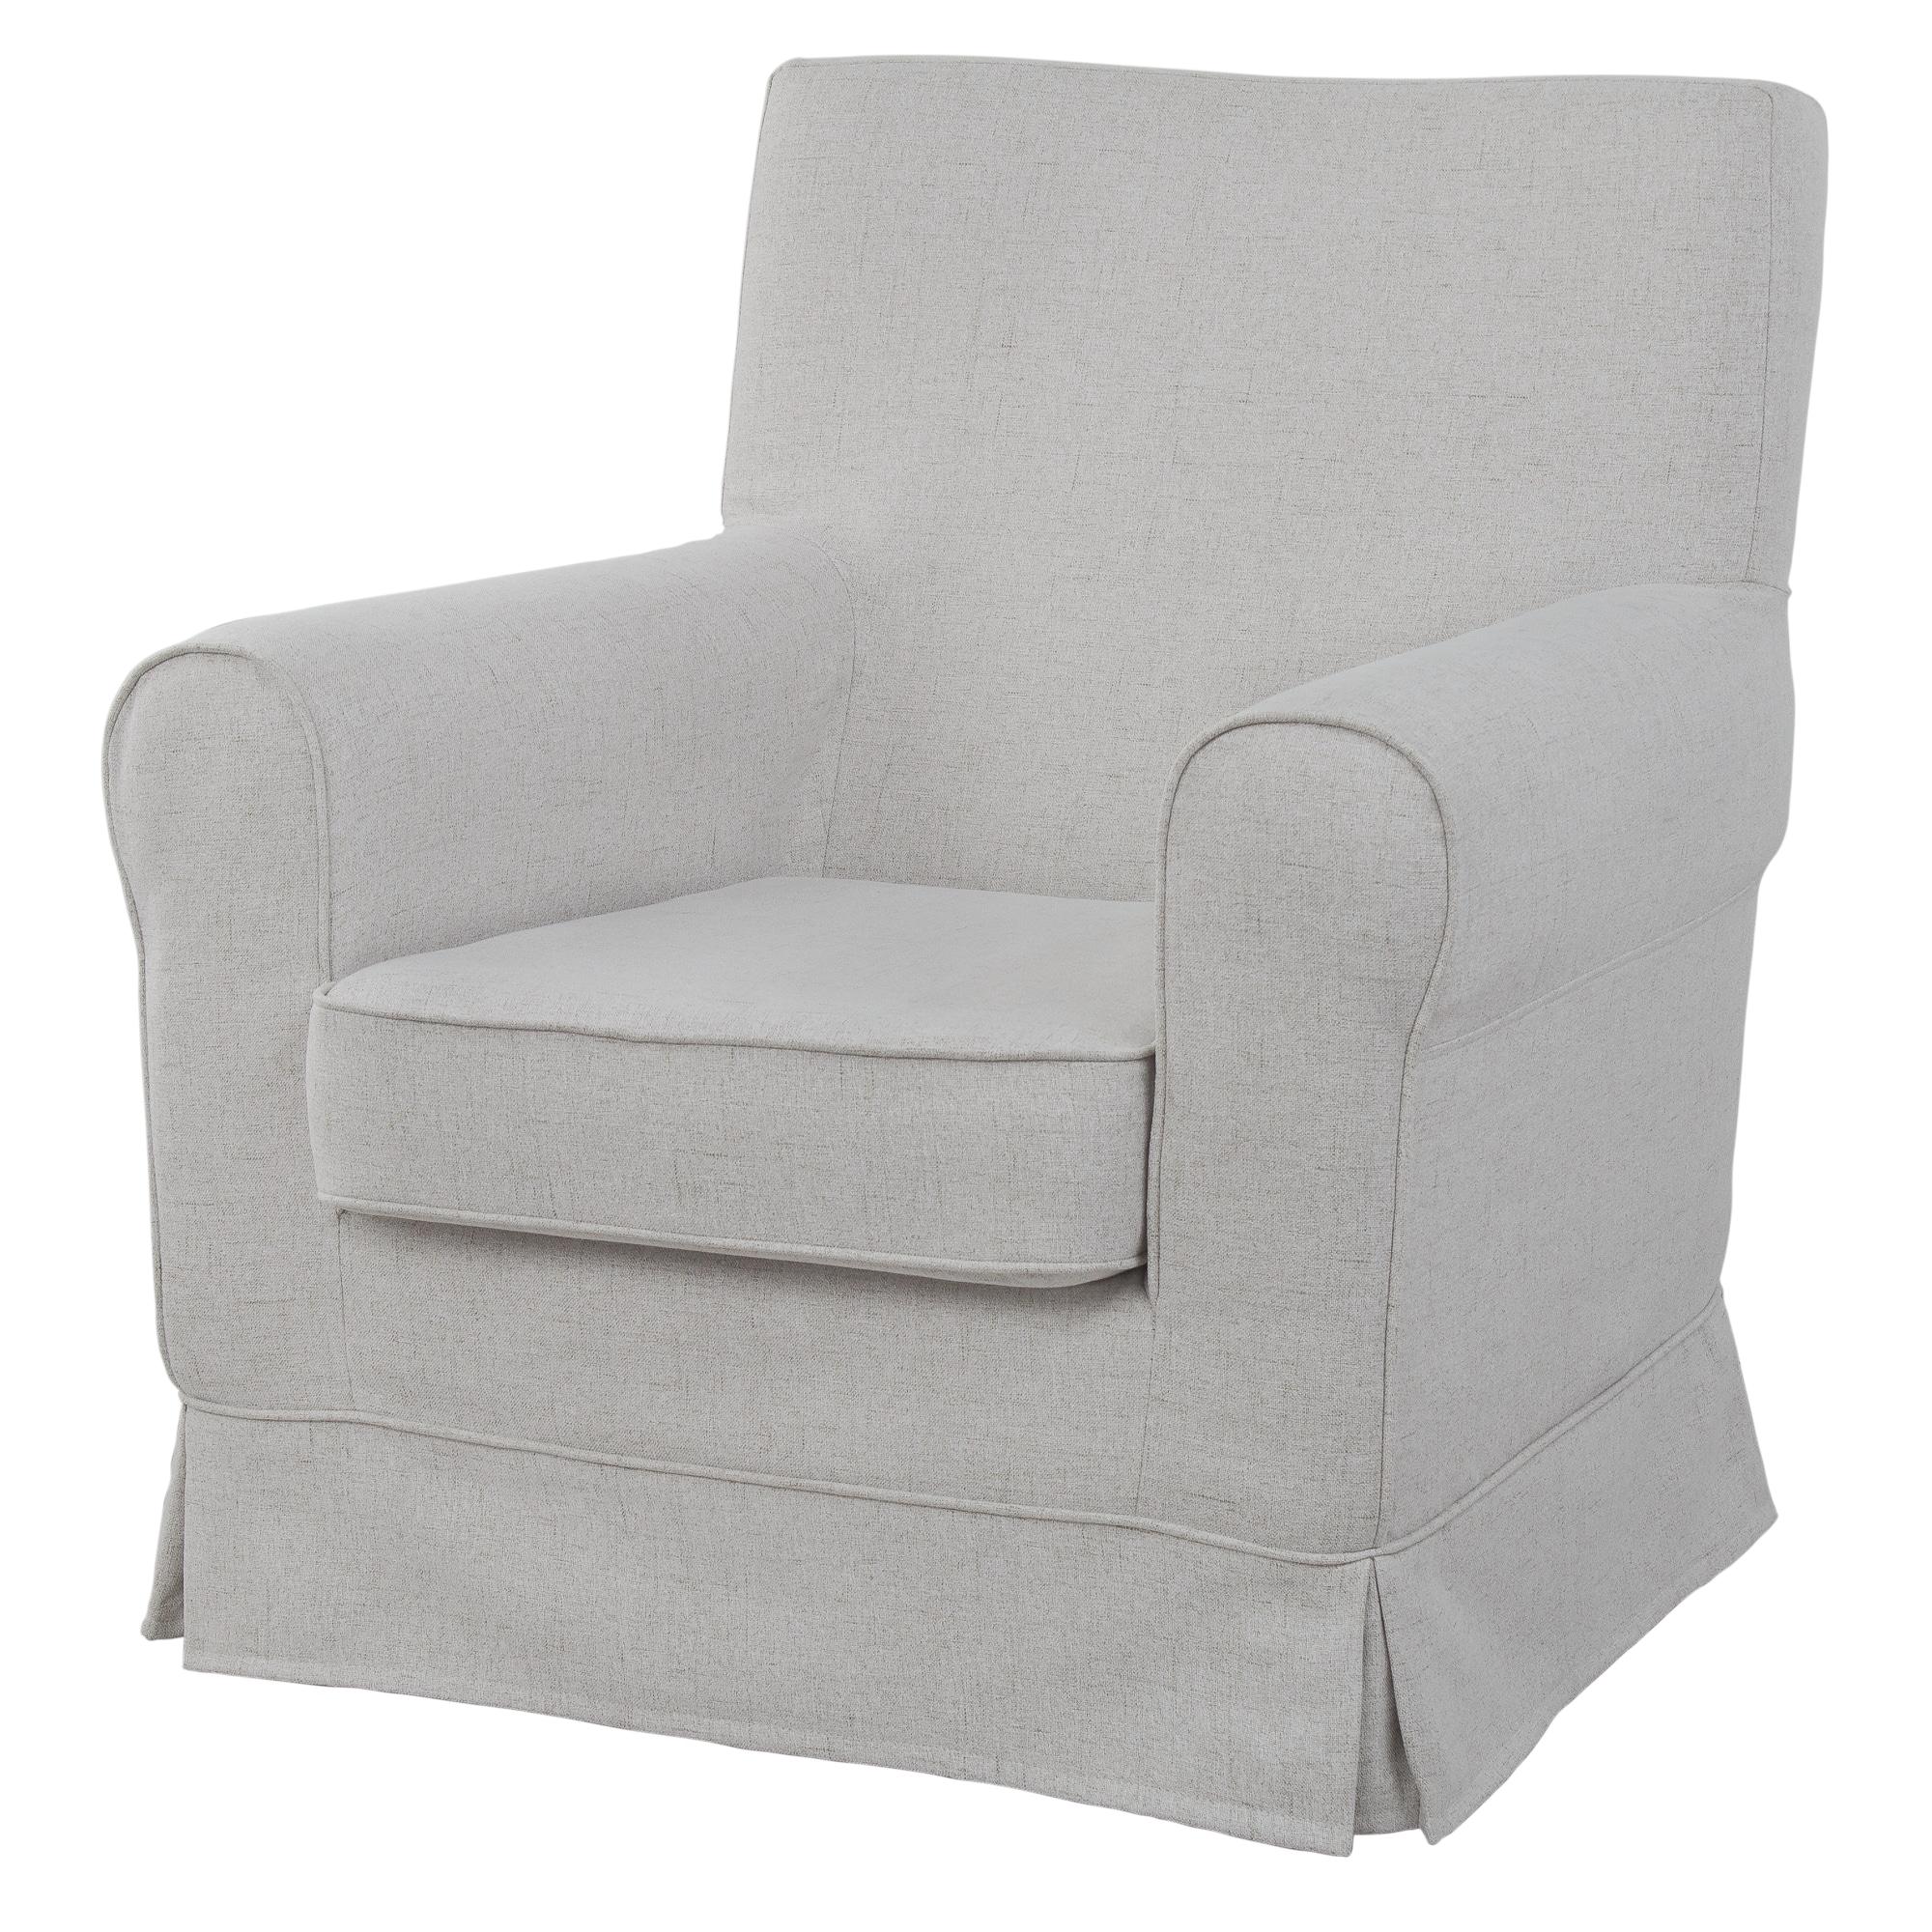 Bezug für Sessel Jennylund